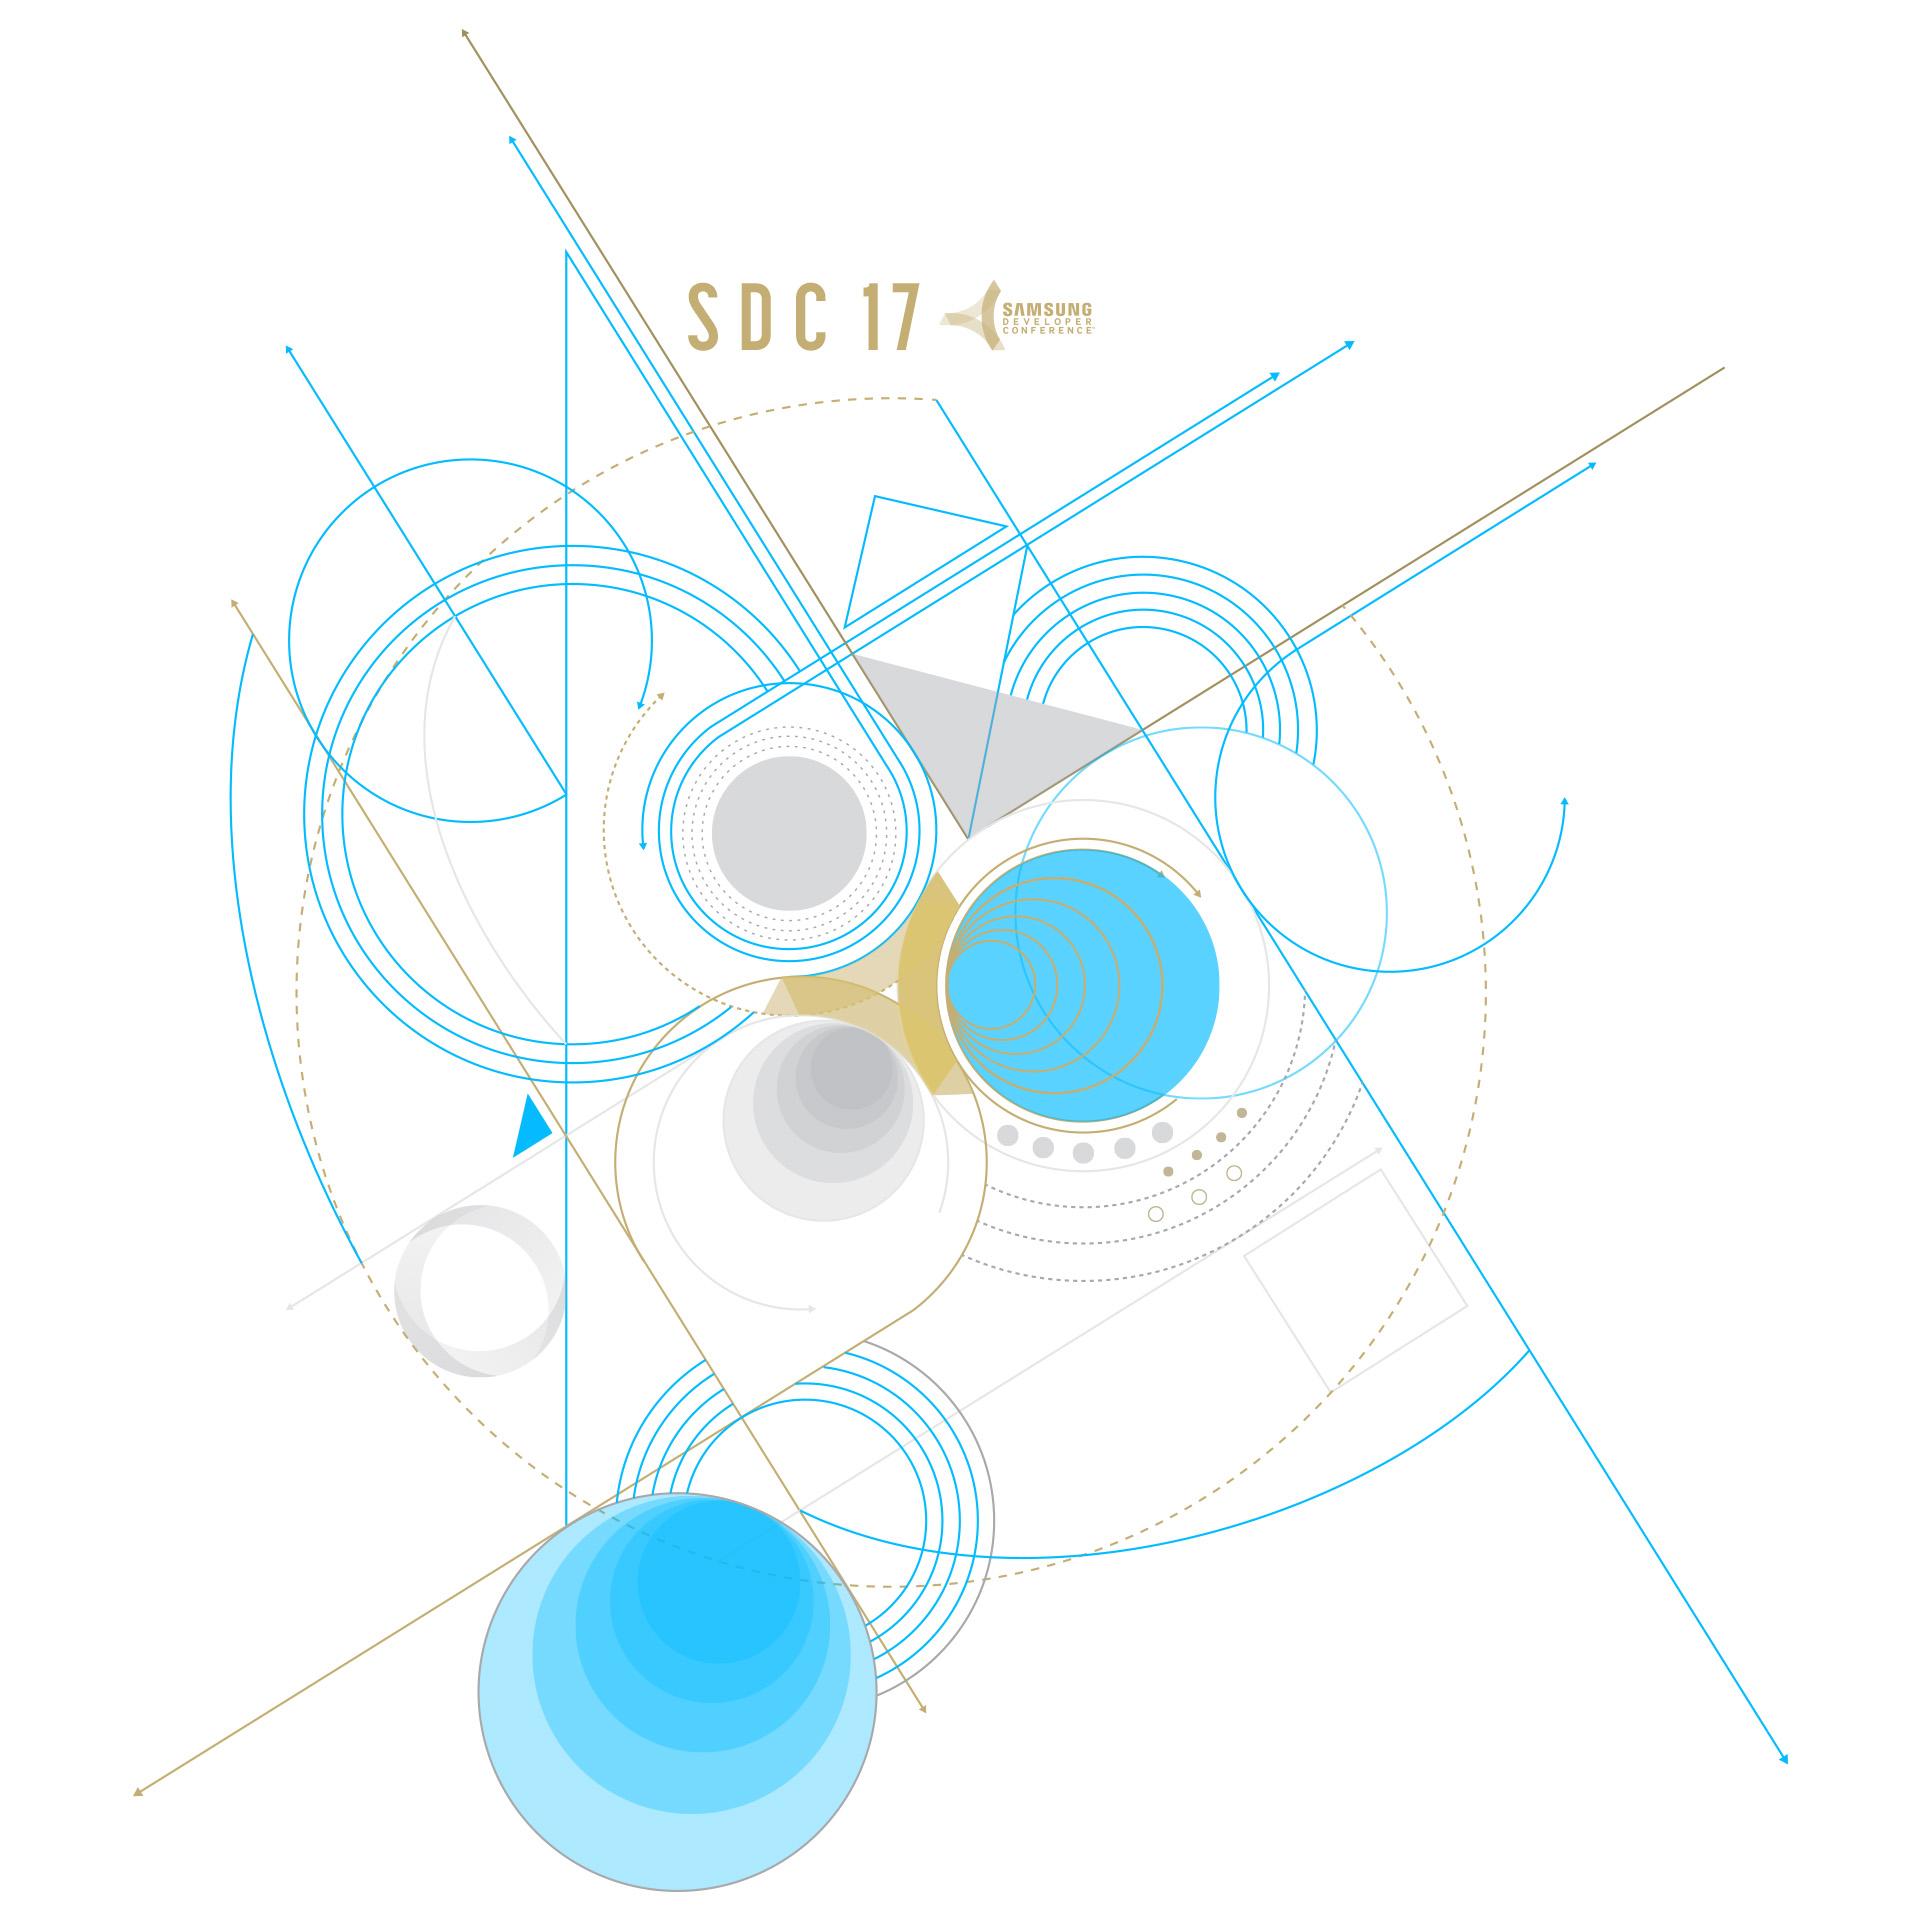 SDC17_Expansion_5_Apparel_TShirt_v01.jpg